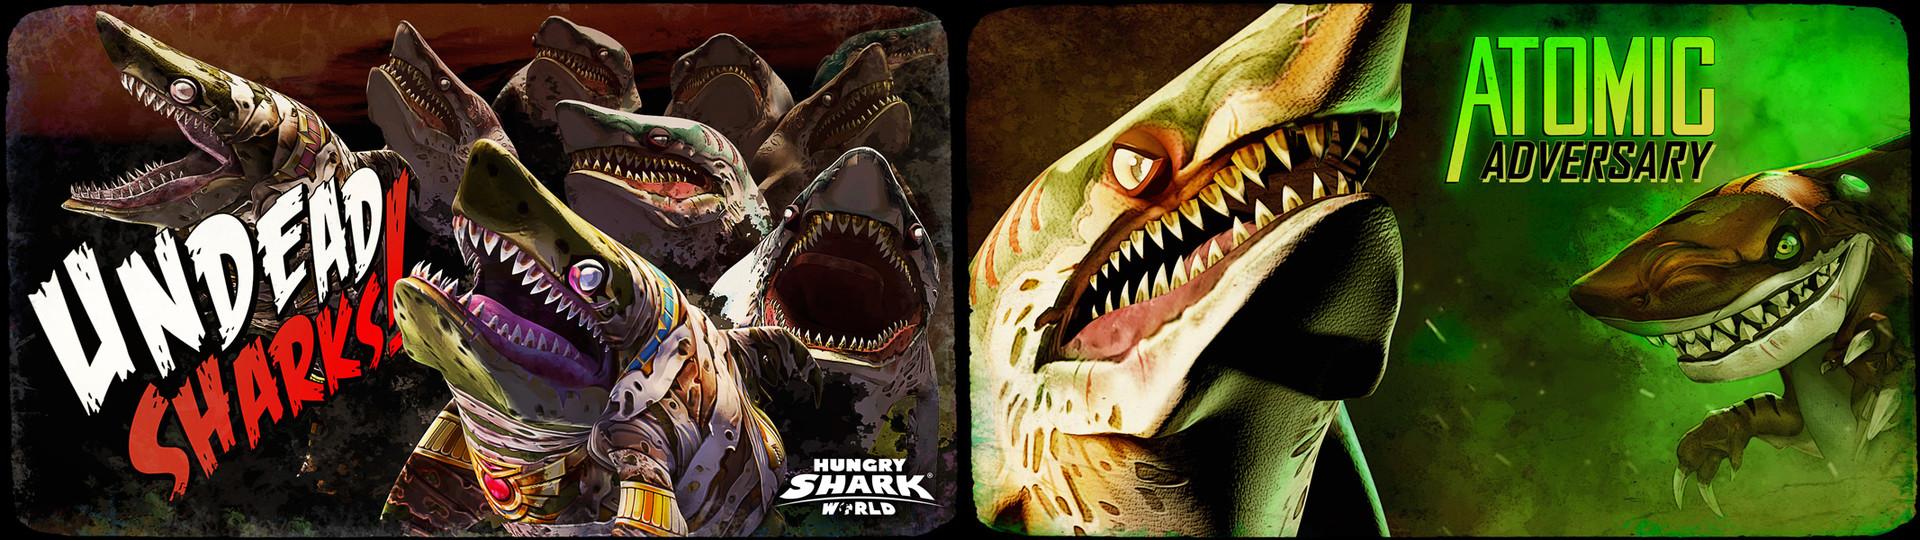 Thomas veyrat zombies sharks